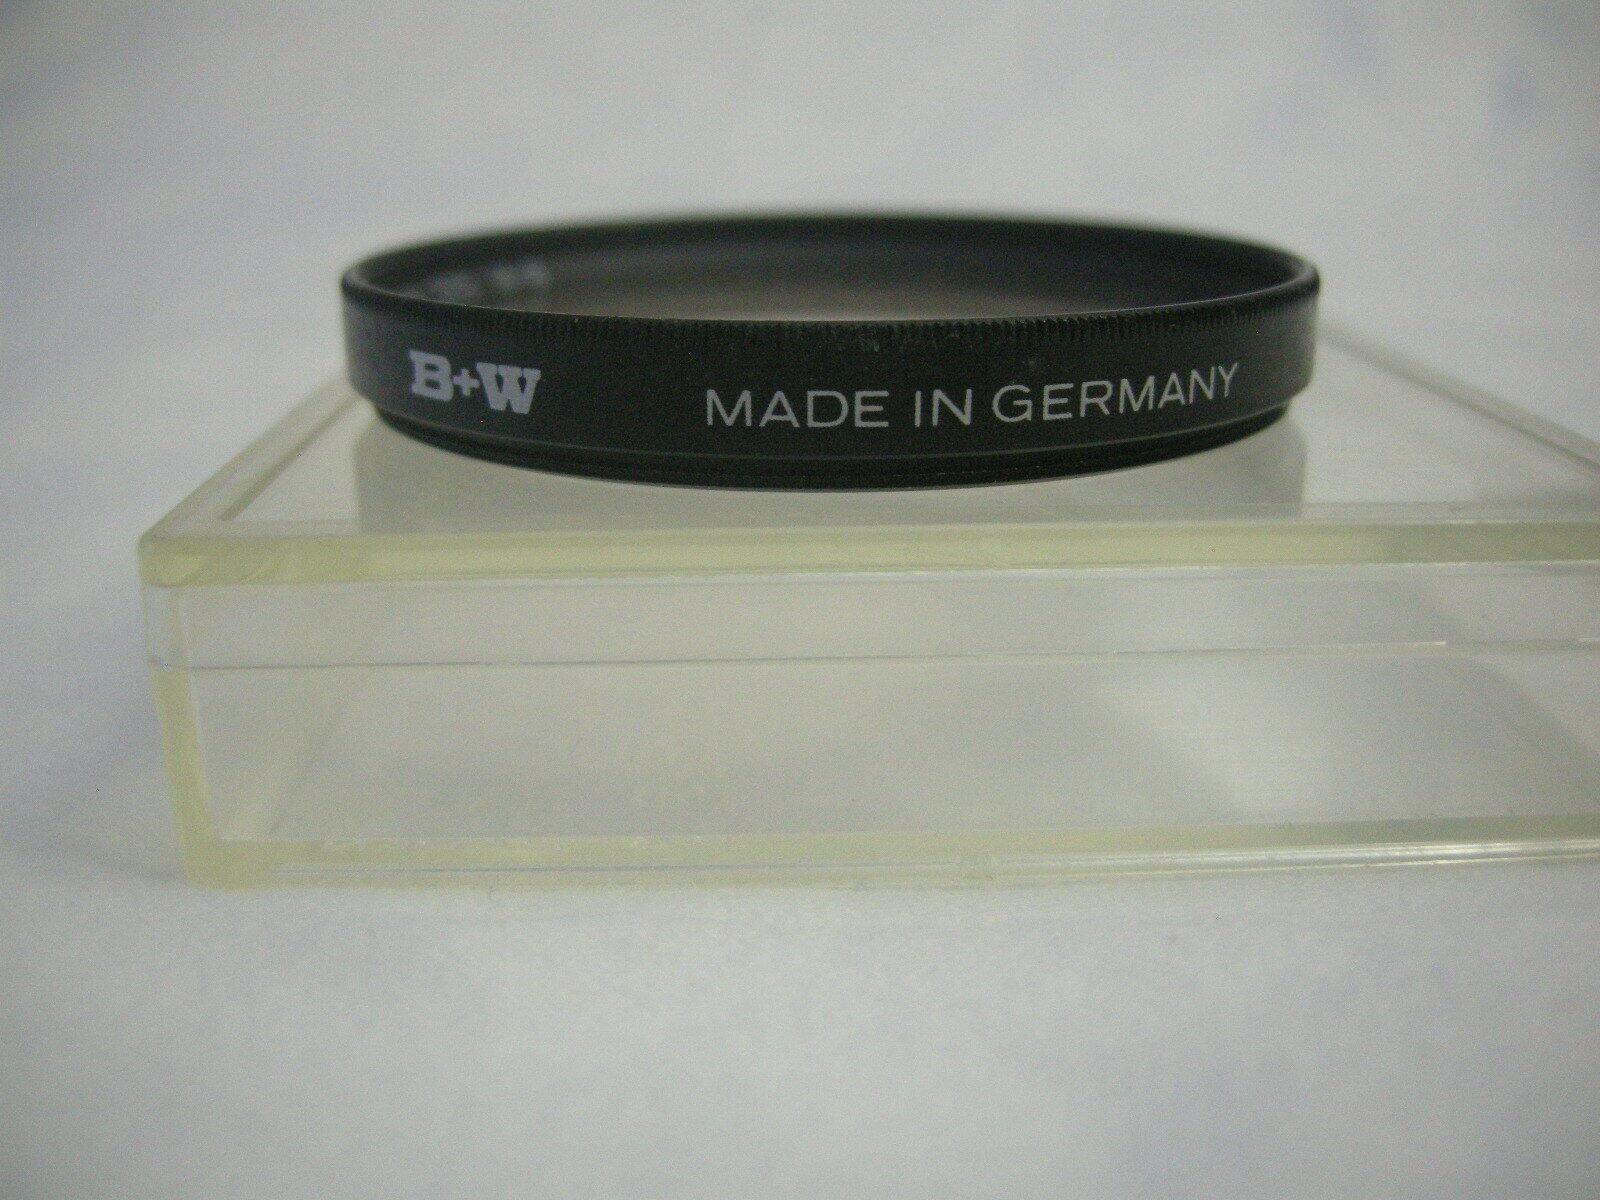 B W 52E KR1.5 1.1x Filter For Nikon,Canon,Sigma,Tokina,Tamron,Promaster - $3.50